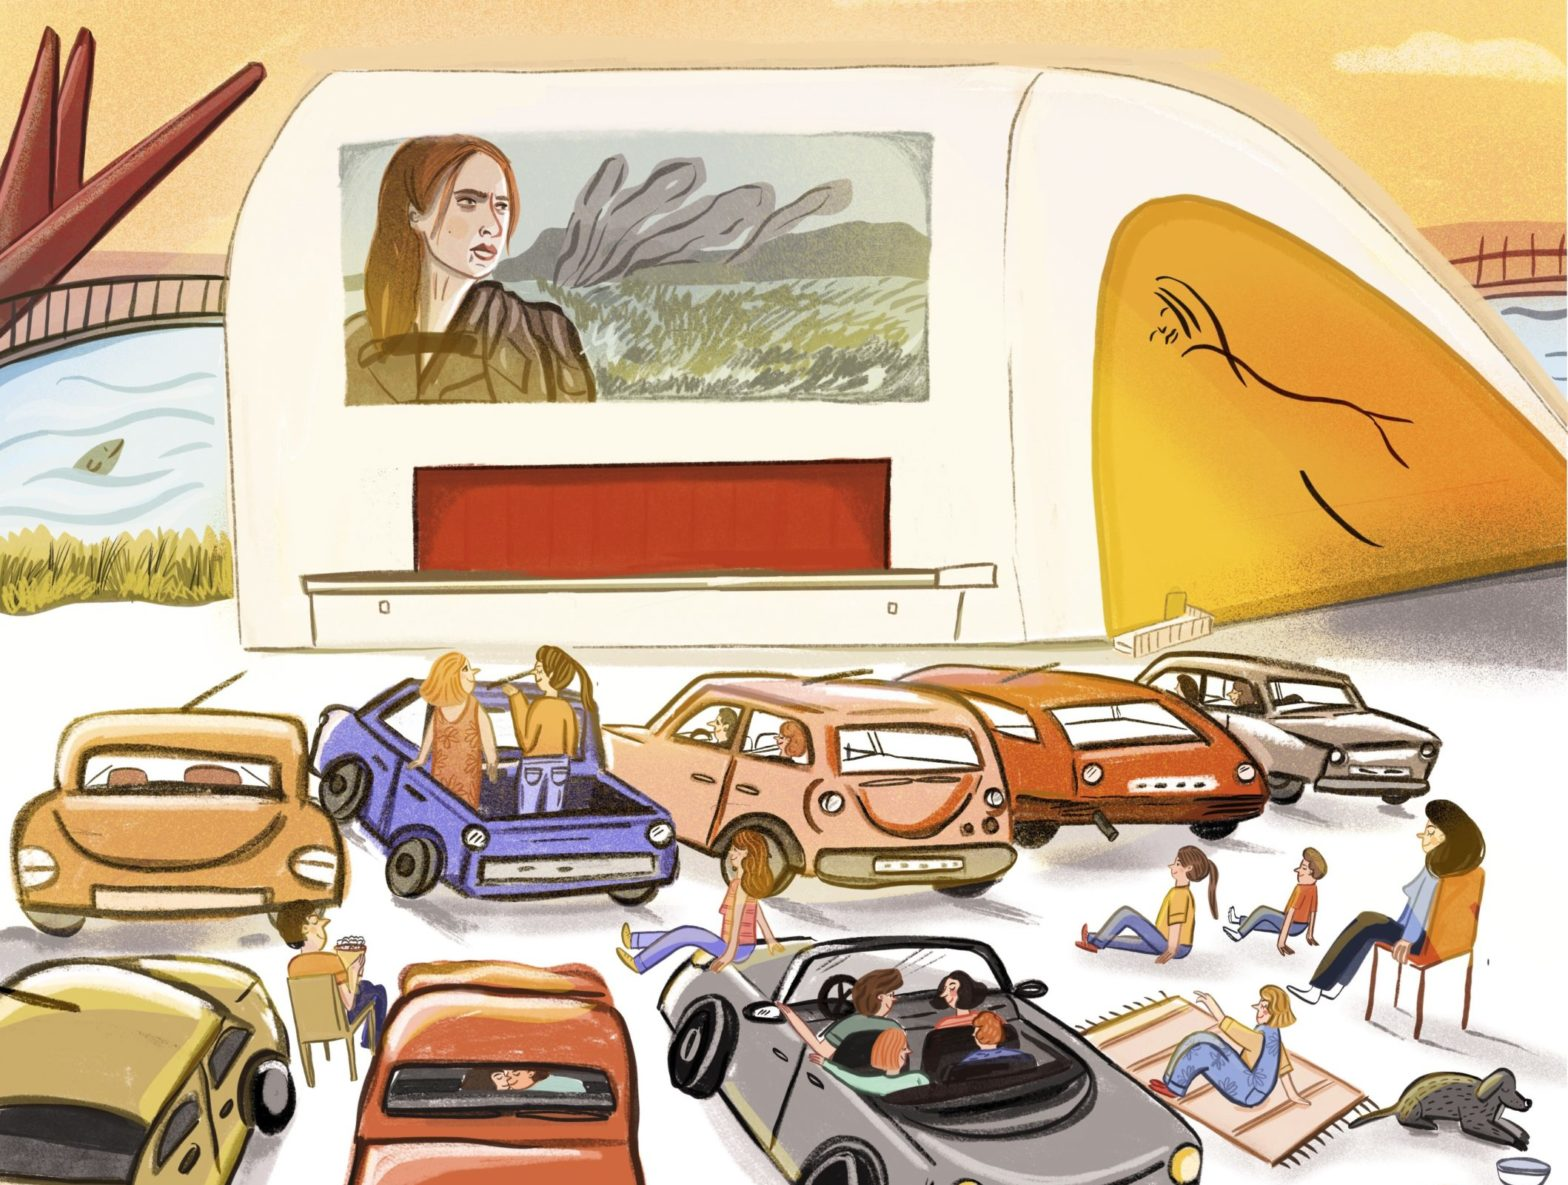 Autocine Centro Niemeyer